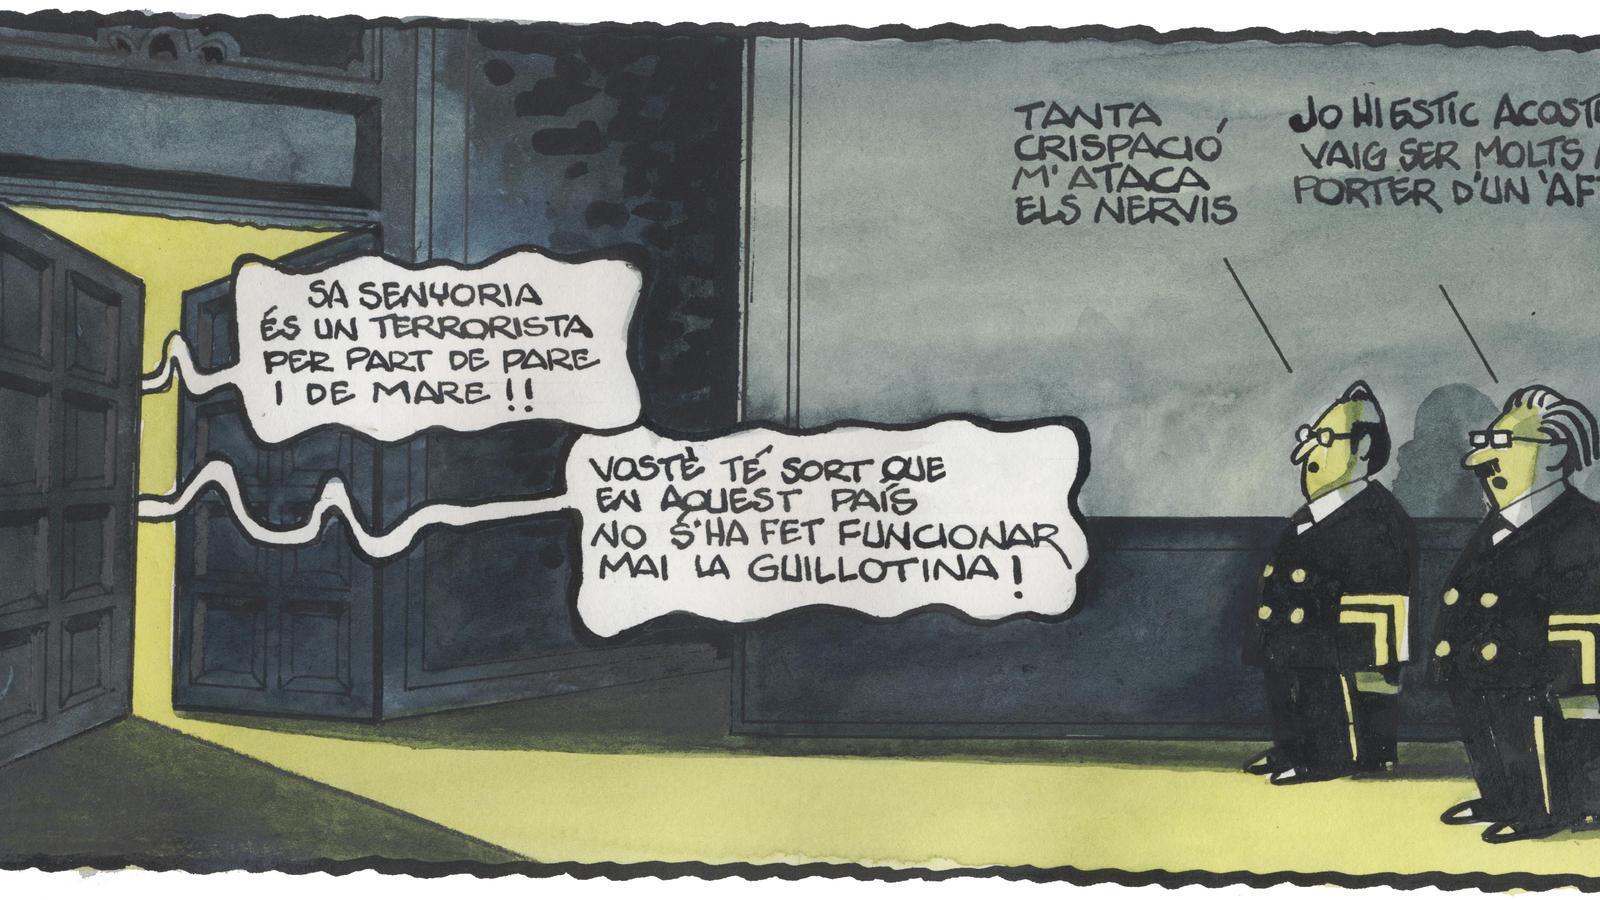 'A la contra', per Ferreres 03/06/2020